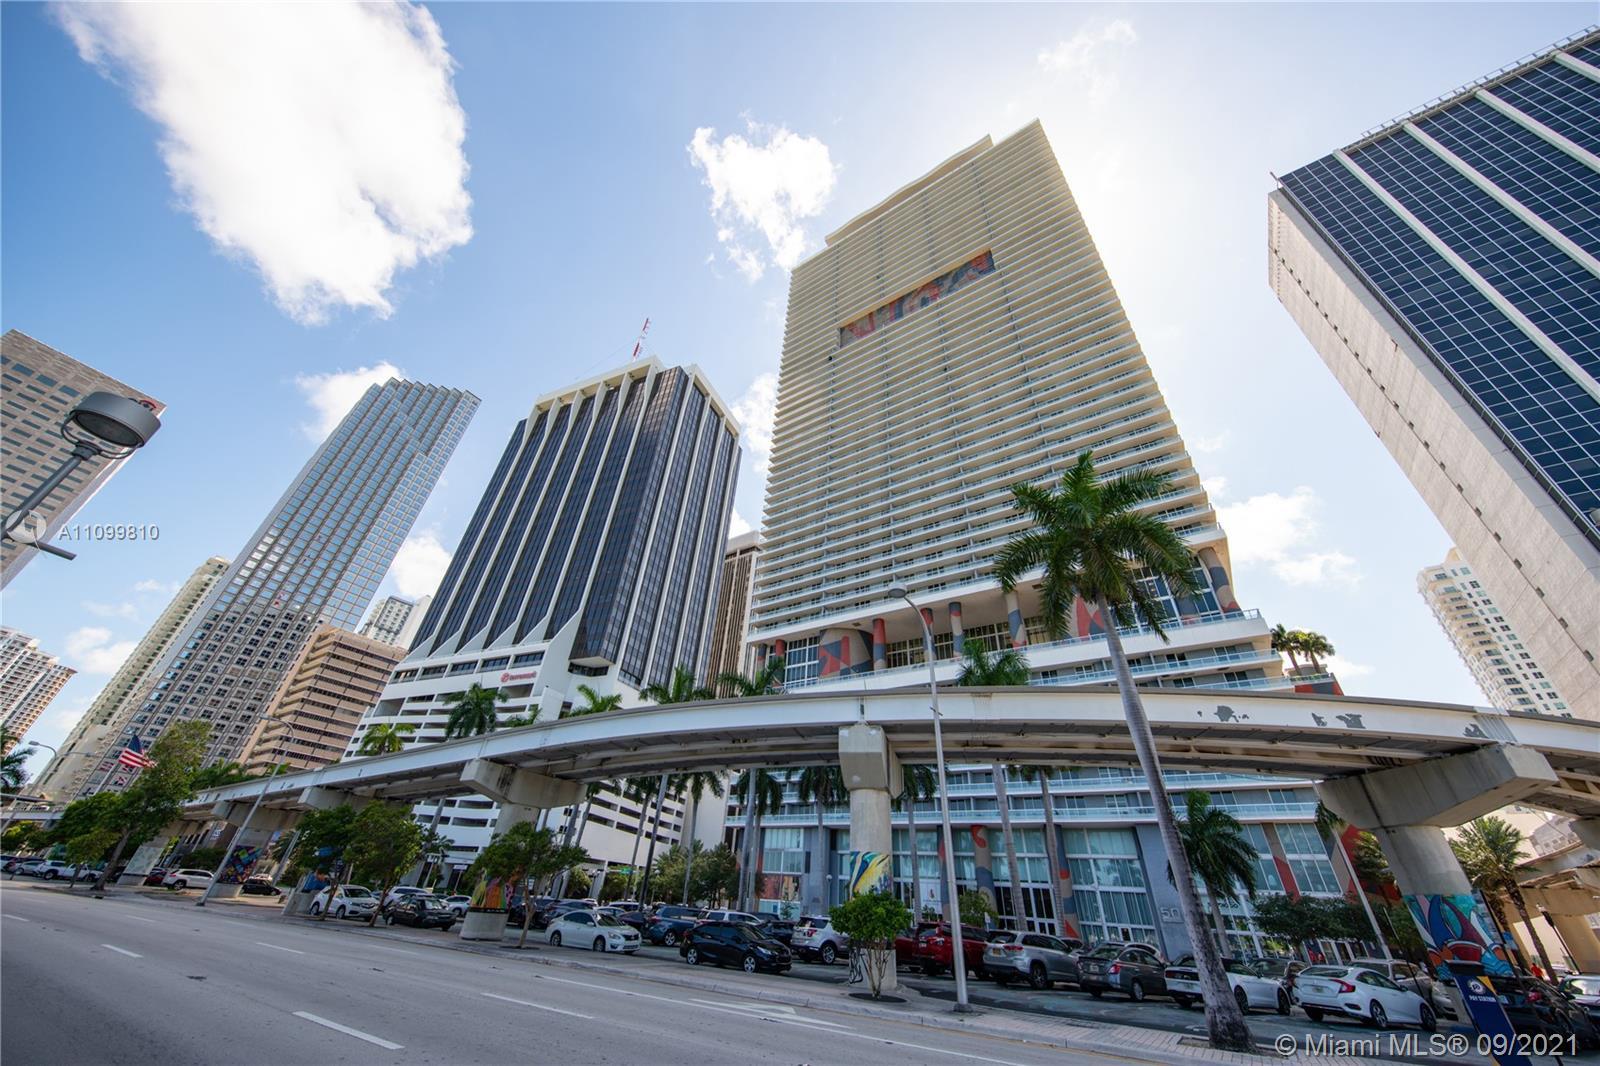 50 Biscayne #3811 - 50 Biscayne Blvd #3811, Miami, FL 33132